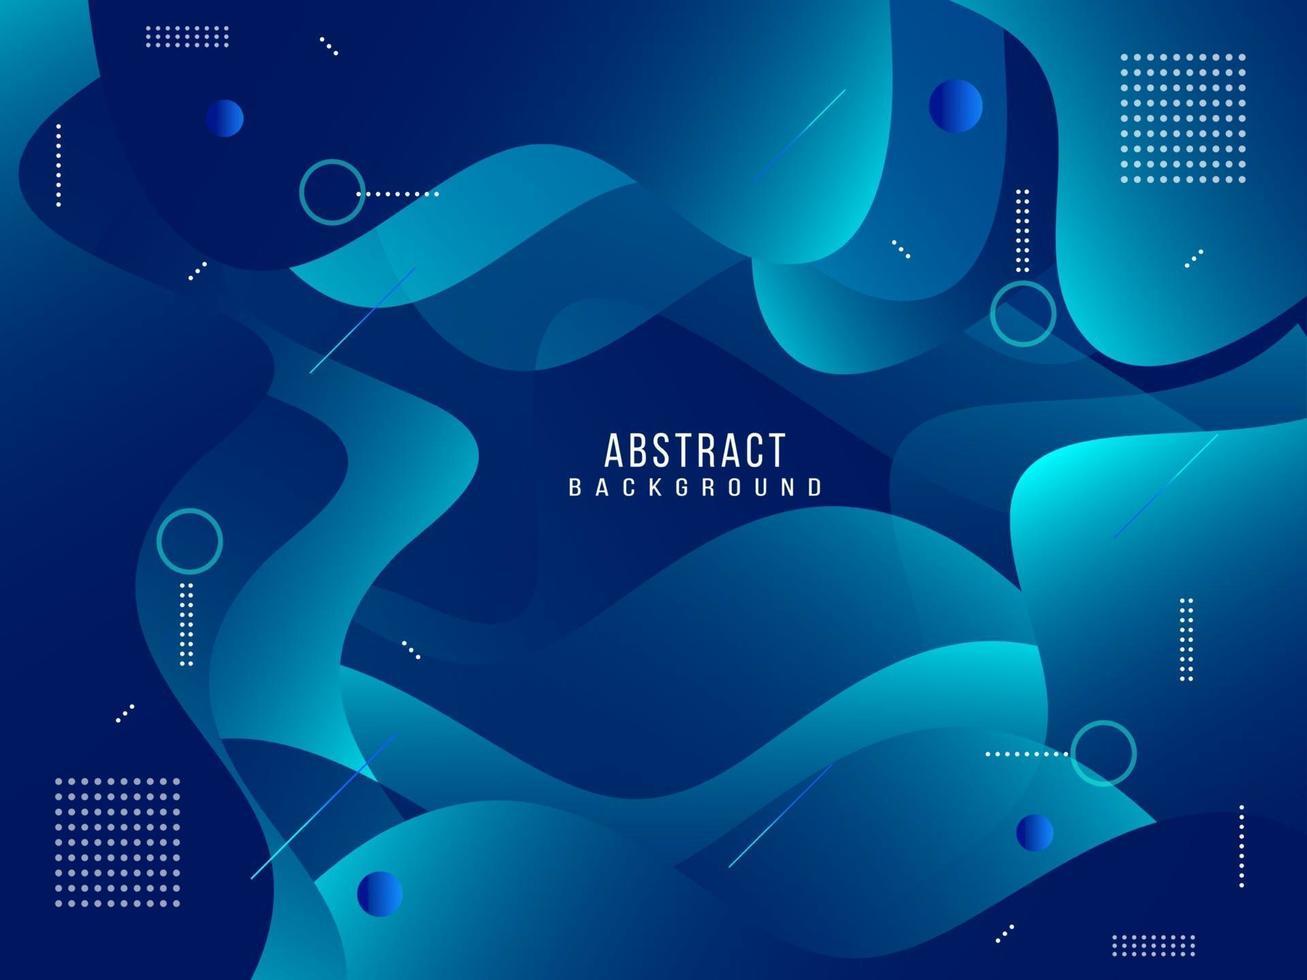 movimento fluido gradiente geometrico astratto dinamico con sfondo modello moderno vettore